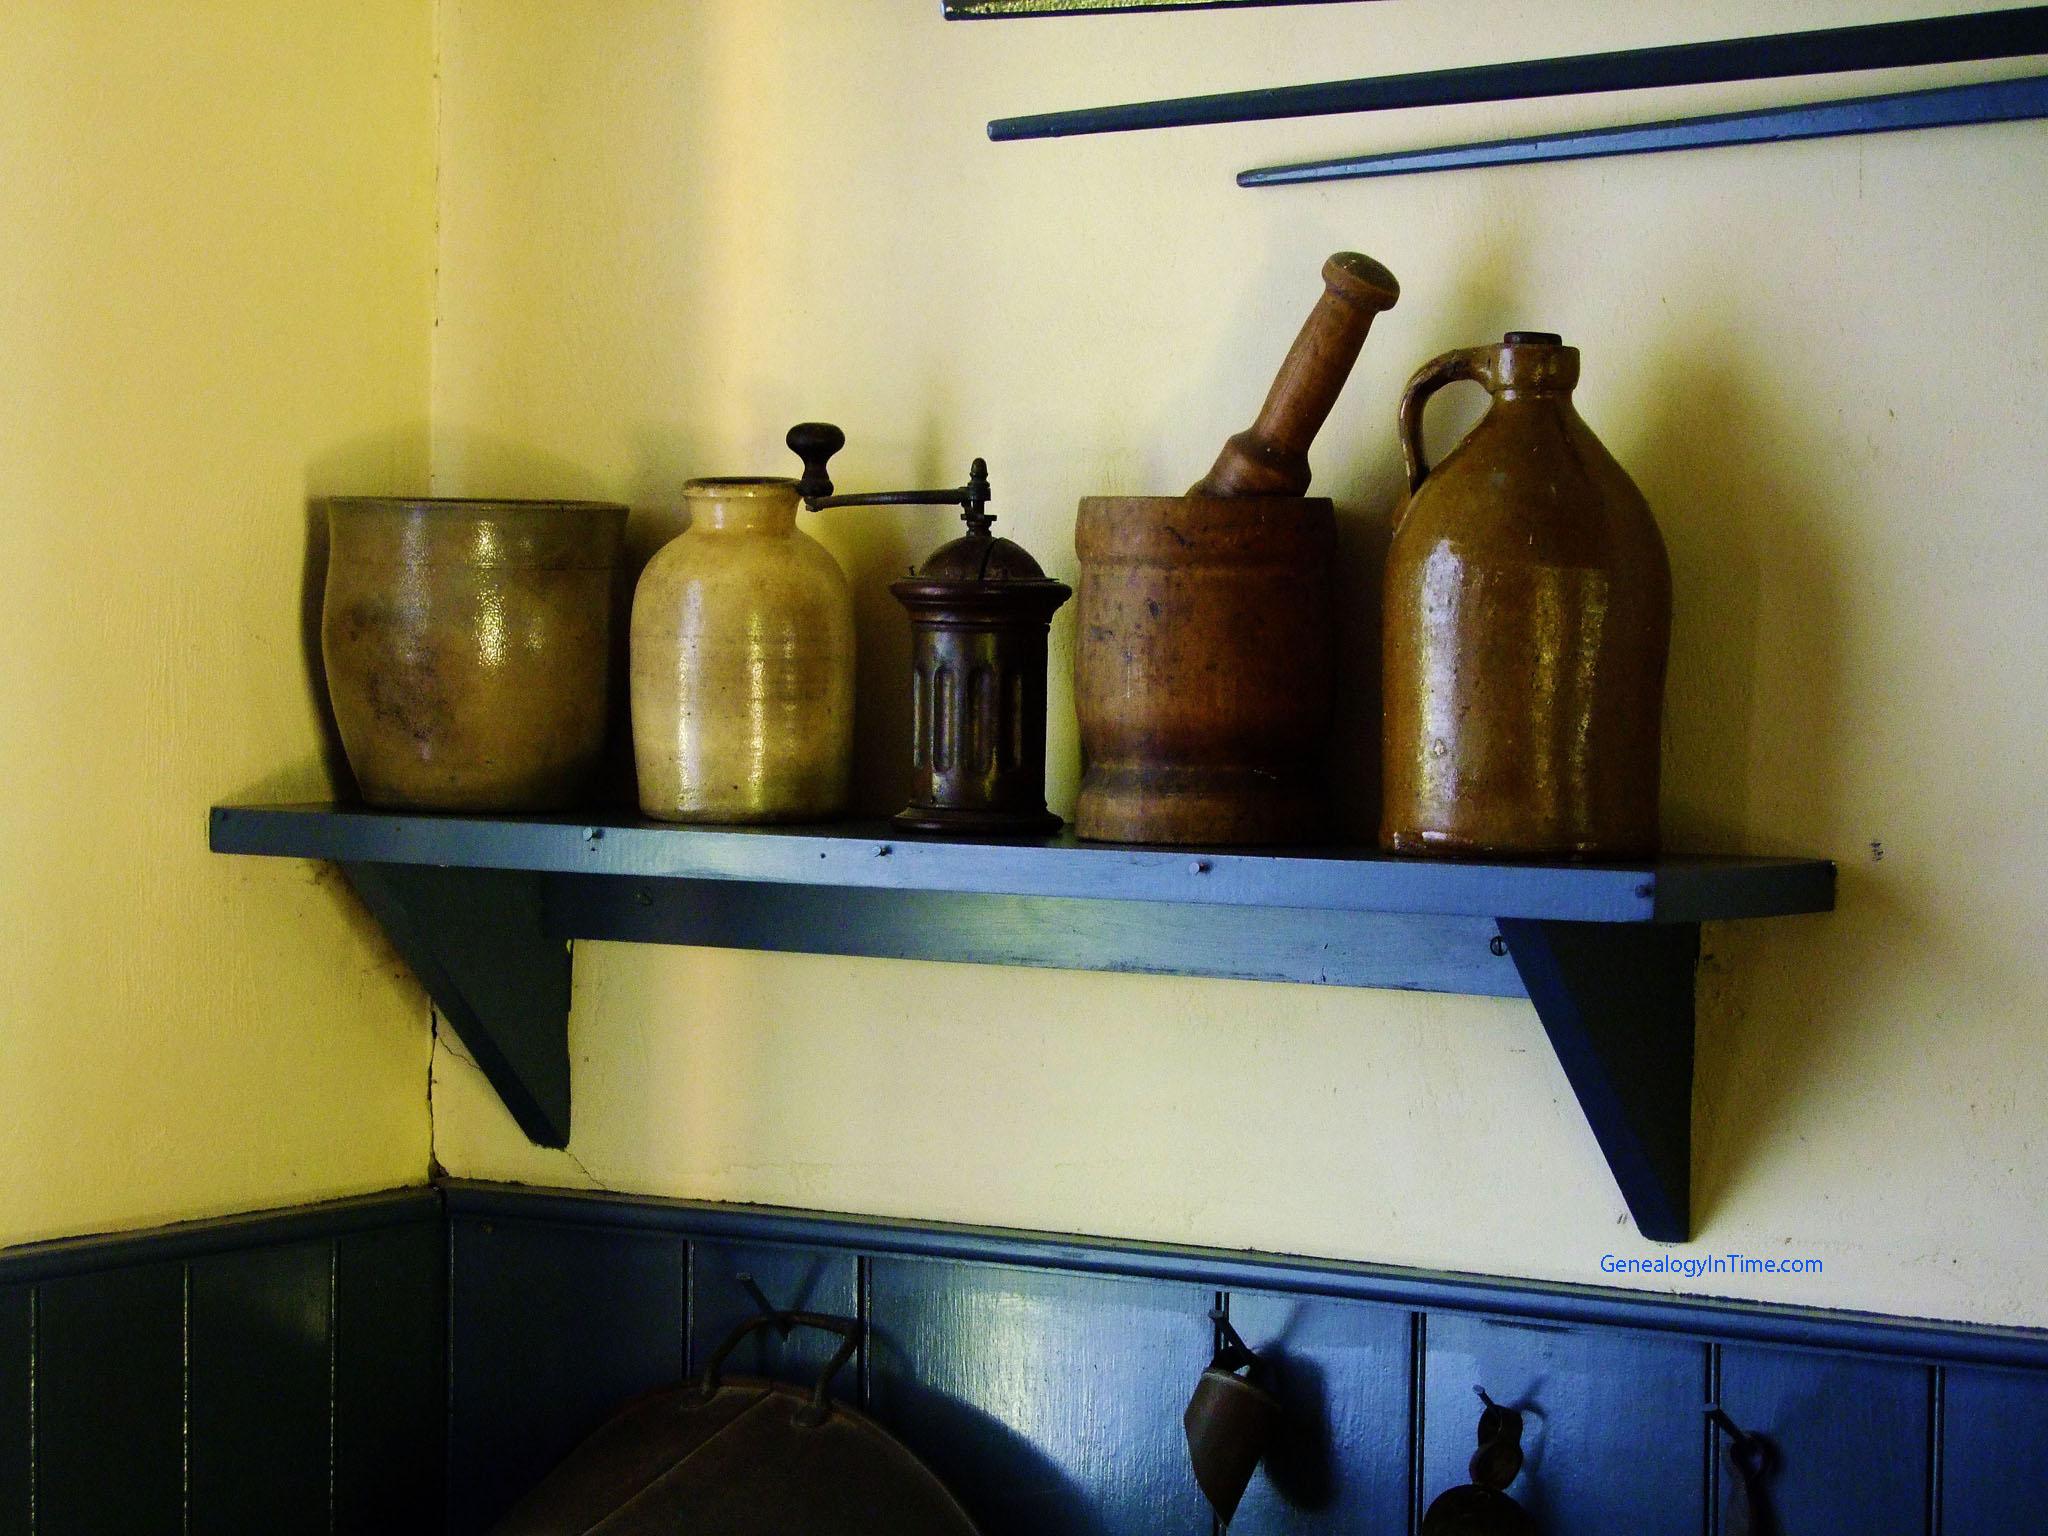 Kitchen Shelf Containers On Kitchen Shelfjpg